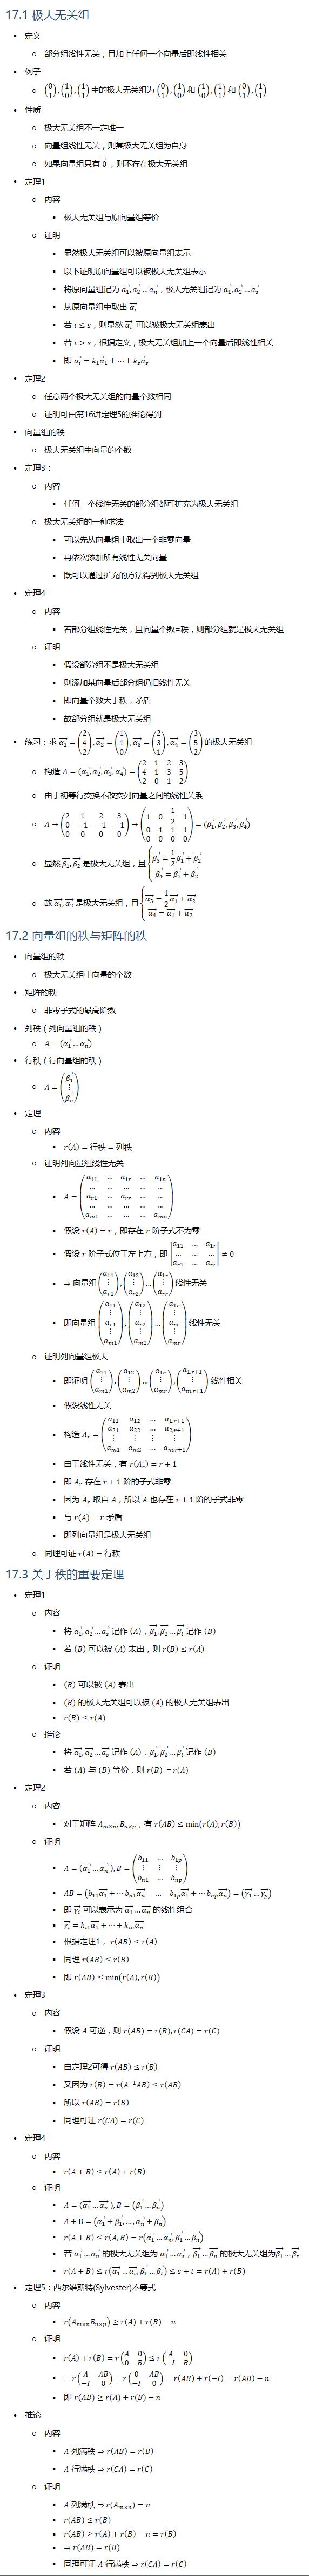 17.1 极大无关组 • 定义 ○ 部分组线性无关,且加上任何一个向量后即线性相关 • 例子 ○ (■8(0@1)),(■8(1@0)),(■8(1@1)) 中的极大无关组为 (■8(0@1)),(■8(1@0)) 和 (■8(1@0)),(■8(1@1)) 和 (■8(0@1)),(■8(1@1)) • 性质 ○ 极大无关组不一定唯一 ○ 向量组线性无关,则其极大无关组为自身 ○ 如果向量组只有 0 ⃗ ,则不存在极大无关组 • 定理1 ○ 内容 § 极大无关组与原向量组等价 ○ 证明 § 显然极大无关组可以被原向量组表示 § 以下证明原向量组可以被极大无关组表示 § 将原向量组记为 (a_1 ) ⃗,(a_2 ) ⃗…(a_n ) ⃗,极大无关组记为 (a_1 ) ⃗,(a_2 ) ⃗…(a_s ) ⃗ § 从原向量组中取出 (α_i ) ⃗ § 若 i≤s,则显然 (α_i ) ⃗ 可以被极大无关组表出 § 若 i s,根据定义,极大无关组加上一个向量后即线性相关 § 即 (α_i ) ⃗=k_1 α ⃗_1+…+k_s α ⃗_s • 定理2 ○ 任意两个极大无关组的向量个数相同 ○ 证明可由第16讲定理5的推论得到 • 向量组的秩 ○ 极大无关组中向量的个数 • 定理3: ○ 内容 § 任何一个线性无关的部分组都可扩充为极大无关组 ○ 极大无关组的一种求法 § 可以先从向量组中取出一个非零向量 § 再依次添加所有线性无关向量 § 既可以通过扩充的方法得到极大无关组 • 定理4 ○ 内容 § 若部分组线性无关,且向量个数=秩,则部分组就是极大无关组 ○ 证明 § 假设部分组不是极大无关组 § 则添加某向量后部分组仍旧线性无关 § 即向量个数大于秩,矛盾 § 故部分组就是极大无关组 • 练习:求 (α_1 ) ⃗=(■8(2@4@2)),(α_2 ) ⃗=(■8(1@1@0)),(α_3 ) ⃗=(■8(2@3@1)),(α_4 ) ⃗=(■8(3@5@2)) 的极大无关组 ○ 构造 A=((α_1 ) ⃗,(α_2 ) ⃗,(α_3 ) ⃗,(α_4 ) ⃗)=(■8(2&1&2&3@4&1&3&5@2&0&1&2)) ○ 由于初等行变换不改变列向量之间的线性关系 ○ A→(■8(2&1&2&3@0&−1&−1&−1@0&0&0&0))→(■8(1&0&1/2&1@0&1&1&1@0&0&0&0))=((β_1 ) ⃗,(β_2 ) ⃗,(β_3 ) ⃗,(β_4 ) ⃗) ○ 显然 (β_1 ) ⃗,(β_2 ) ⃗ 是极大无关组,且{█((β_3 ) ⃗=1/2 (β_1 ) ⃗+(β_2 ) ⃗@(β_4 ) ⃗=(β_1 ) ⃗+(β_2 ) ⃗ )┤ ○ 故 (α_1 ) ⃗,(α_2 ) ⃗ 是极大无关组,且{█((α_3 ) ⃗=1/2 (α_1 ) ⃗+(α_2 ) ⃗@(α_4 ) ⃗=(α_1 ) ⃗+(α_2 ) ⃗ )┤ 17.2 向量组的秩与矩阵的秩 • 向量组的秩 ○ 极大无关组中向量的个数 • 矩阵的秩 ○ 非零子式的最高阶数 • 列秩(列向量组的秩) ○ A=((α_1 ) ⃗…(α_n ) ⃗ ) • 行秩(行向量组的秩) ○ A=(■8((β_1 ) ⃗@⋮@(β_n ) ⃗ )) • 定理 ○ 内容 § r(A)=行秩=列秩 ○ 证明列向量组线性无关 § A=(■8(a_11&…&a_1r&…&a_1n@…&…&…&…&…@a_r1&…&a_rr&…&…@…&…&…&…&…@a_m1&…&…&…&a_mn )) § 假设 r(A)=r,即存在 r 阶子式不为零 § 假设 r 阶子式位于左上方,即 |■8(a_11&…&a_1r@…&…&…@a_r1&…&a_rr )|≠0 § ⇒向量组(■8(a_11@⋮@a_r1 )),(■8(a_12@⋮@a_r2 ))…(■8(a_1r@⋮@a_rr )) 线性无关 § 即向量组 (■8(a_11@⋮@a_r1@⋮@a_m1 )),(■8(a_12@⋮@a_r2@⋮@a_m2 ))…(■8(a_1r@⋮@a_rr@⋮@a_mr )) 线性无关 ○ 证明列向量组极大 § 即证明 (■8(a_11@⋮@a_m1 )),(■8(a_12@⋮@a_m2 ))…(■8(a_1r@⋮@a_mr )),(■8(a_(1,r+1)@⋮@a_(m,r+1) )) 线性相关 § 假设线性无关 § 构造 A_r=(■8(a_11&a_12&…&a_(1,r+1)@a_21&a_22&…&a_(2,r+1)@⋮&⋮&⋮&⋮@a_m1&a_m2&…&a_(m,r+1) )) § 由于线性无关,有 r(A_r )=r+1 § 即 A_r 存在 r+1 阶的子式非零 § 